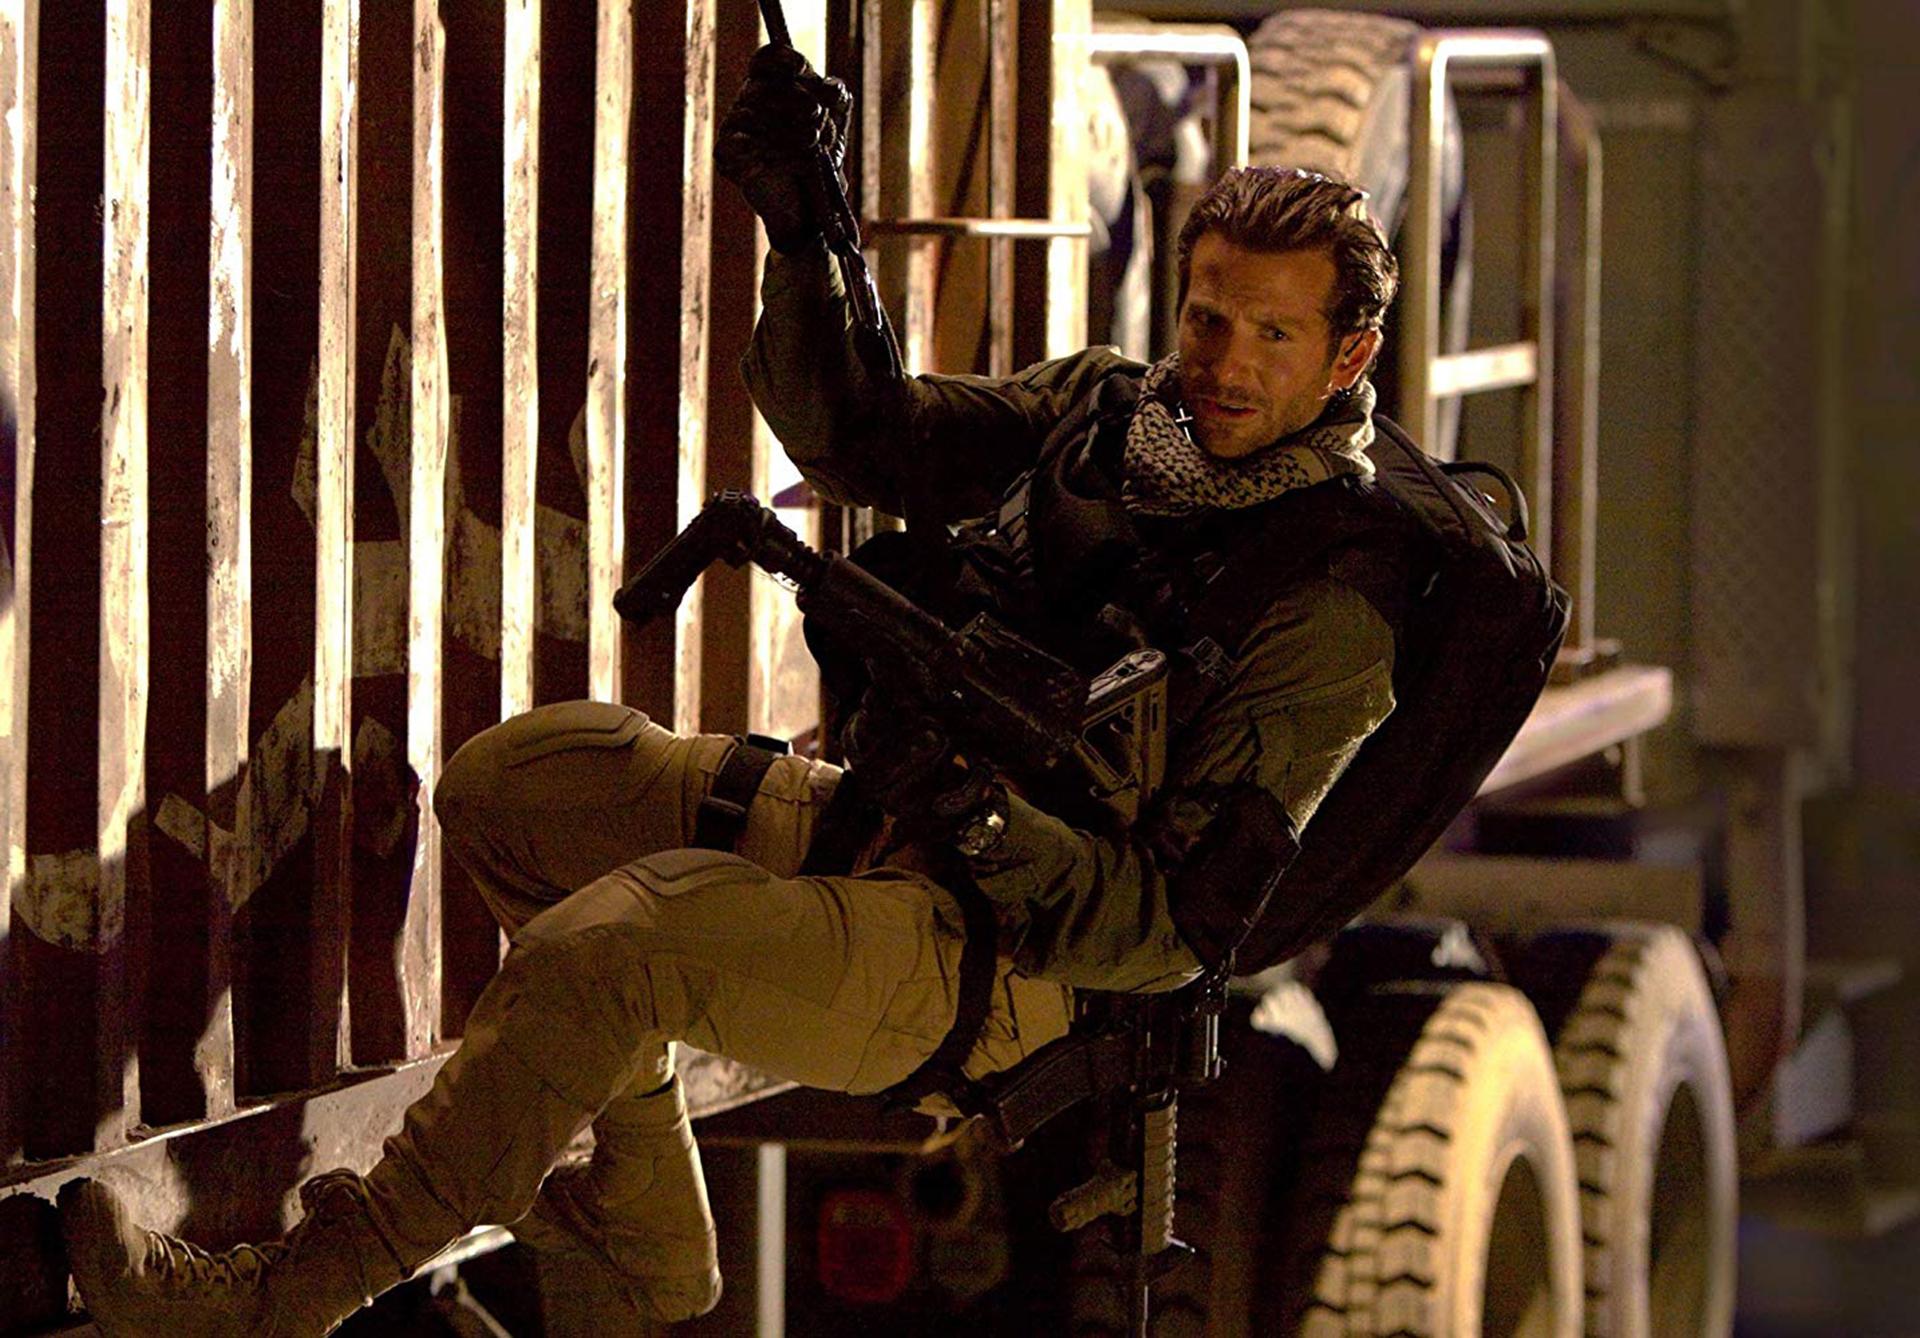 """Protagonizó la versión cinematográfica de """"The A-Team"""" junto a Liam Neeson, Quinton Jackson y Sharlto Copley"""